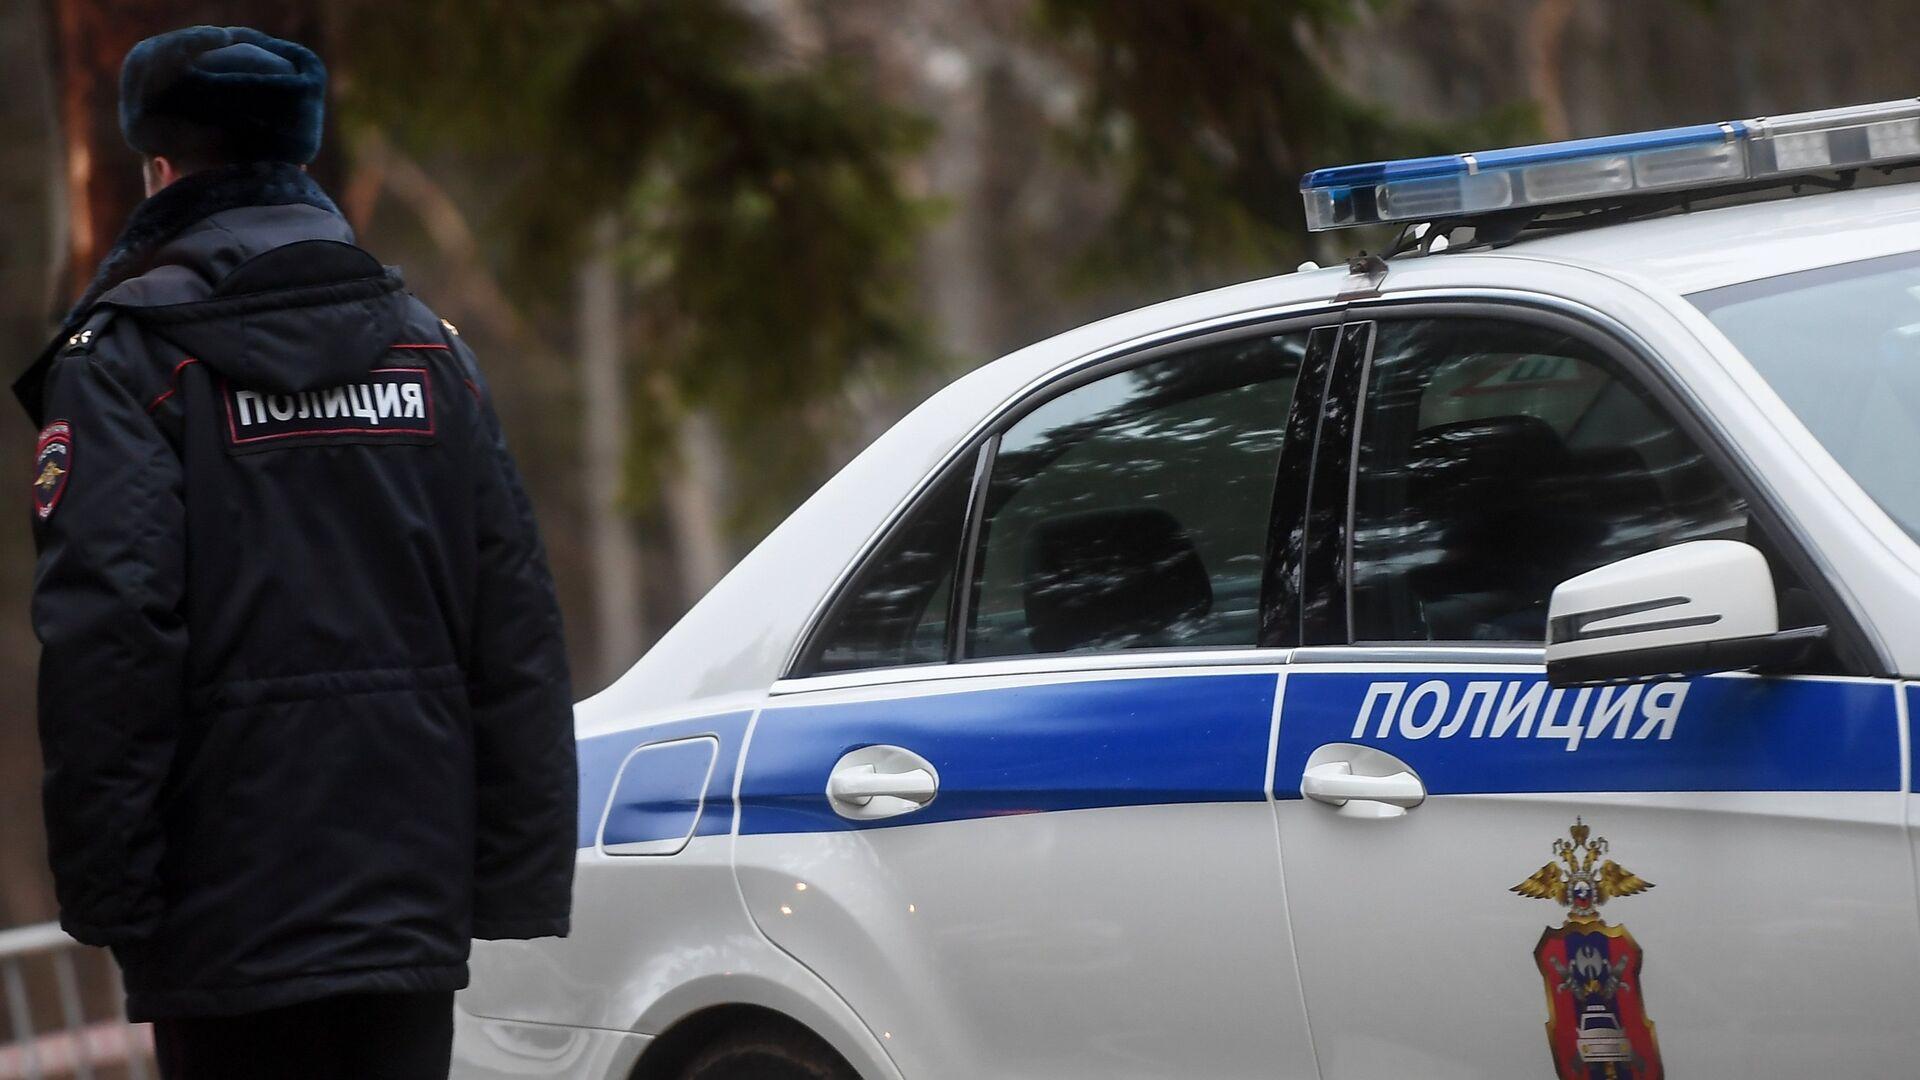 Сотрудник полиции возле служебного автомобиля - Sputnik Латвия, 1920, 07.09.2021